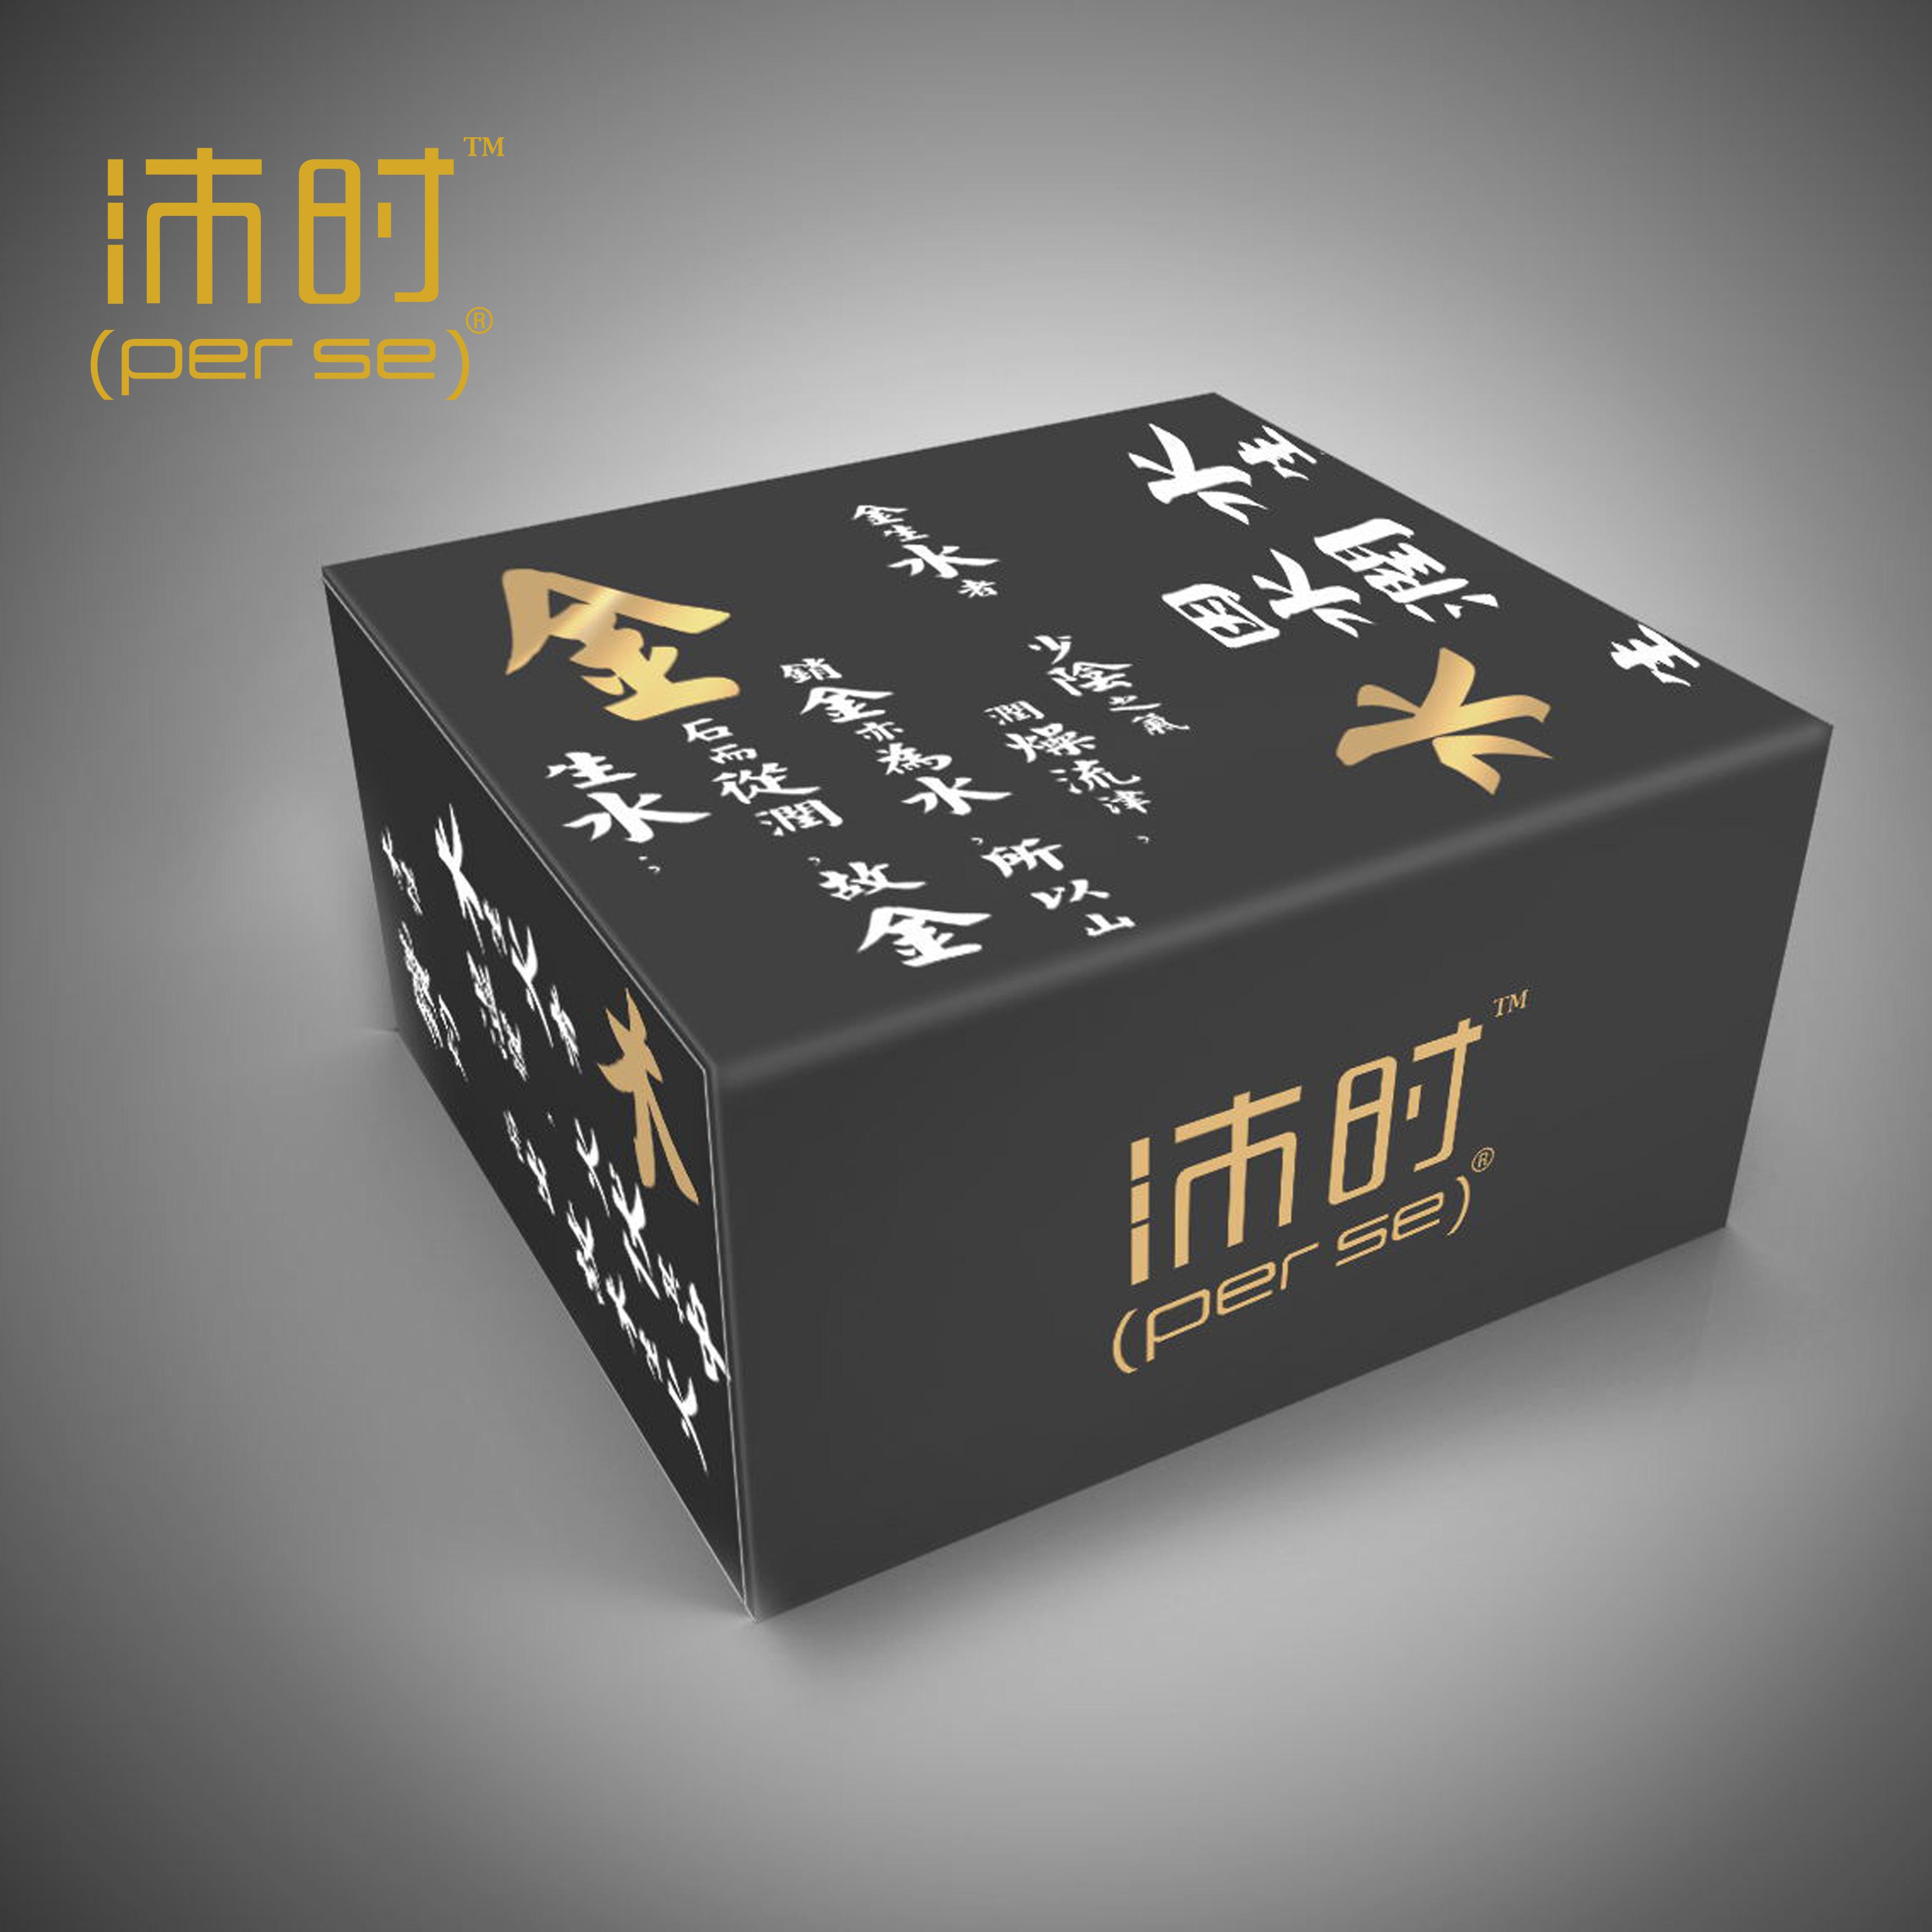 沛時五行輕斷食系列包裝設計